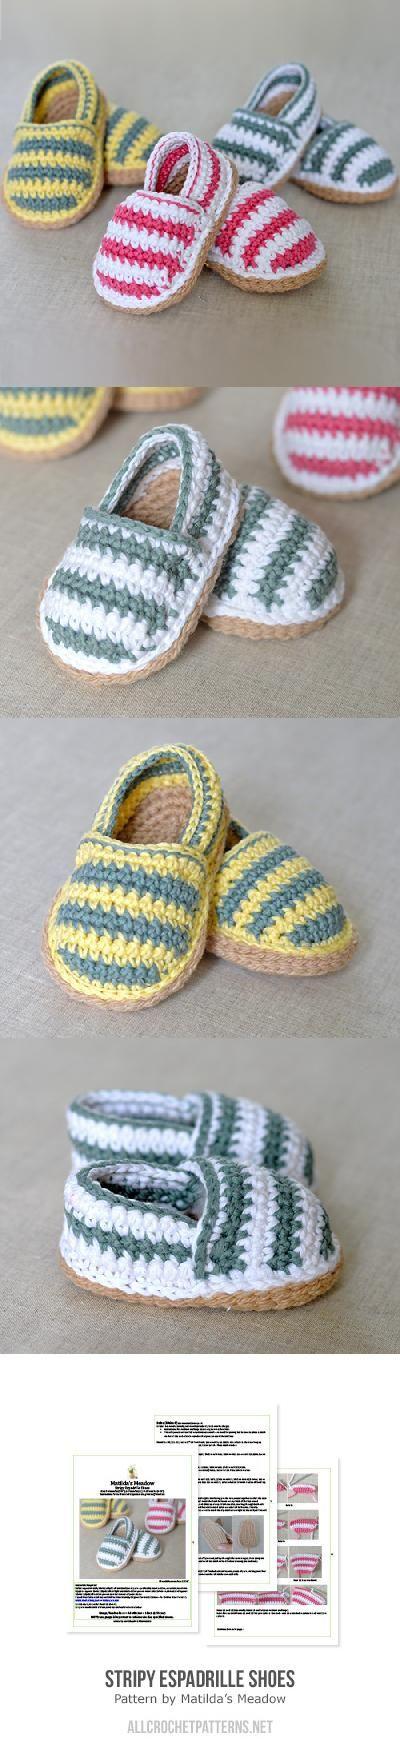 Stripy espadrille shoes crochet pattern by Matilda\'s Meadow | Tejido ...